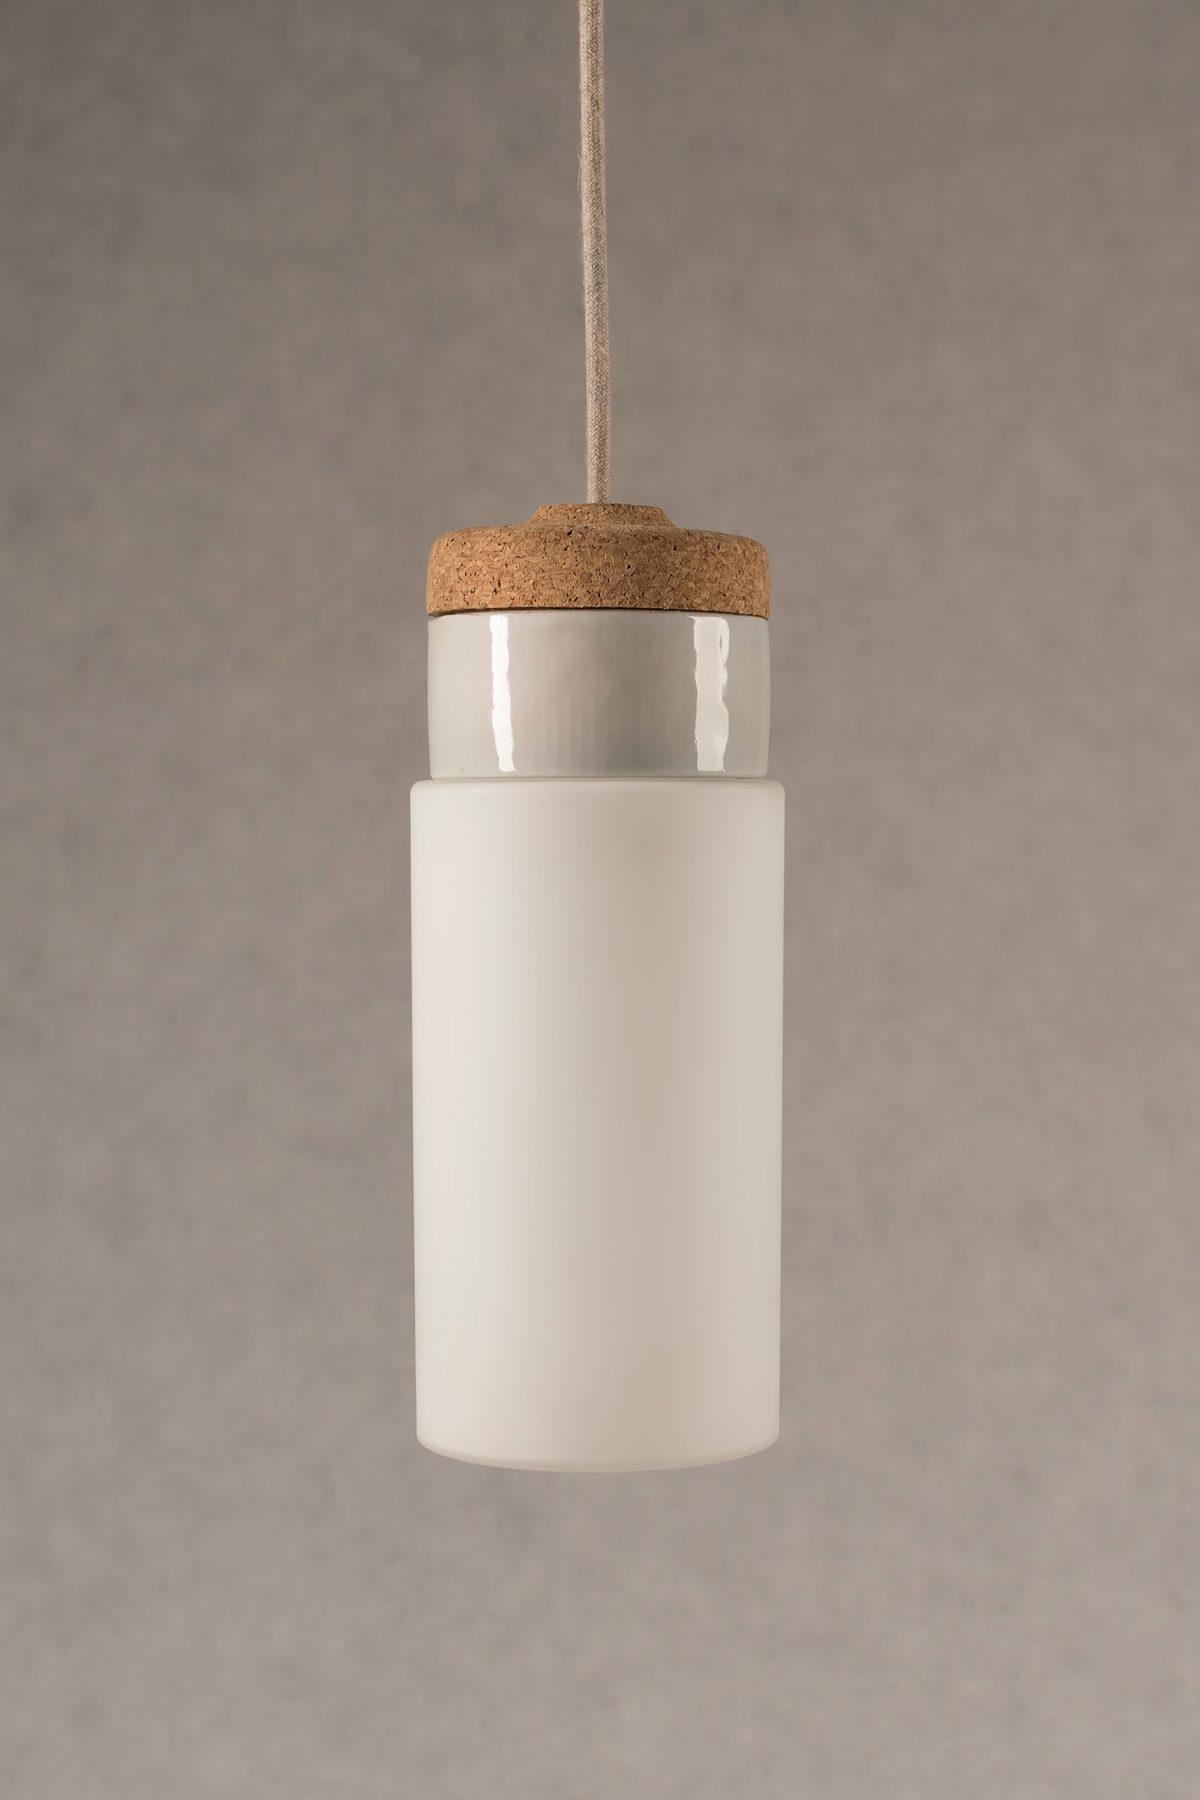 wisząca lampa korkowa z kloszem szklanym Cylinder 3